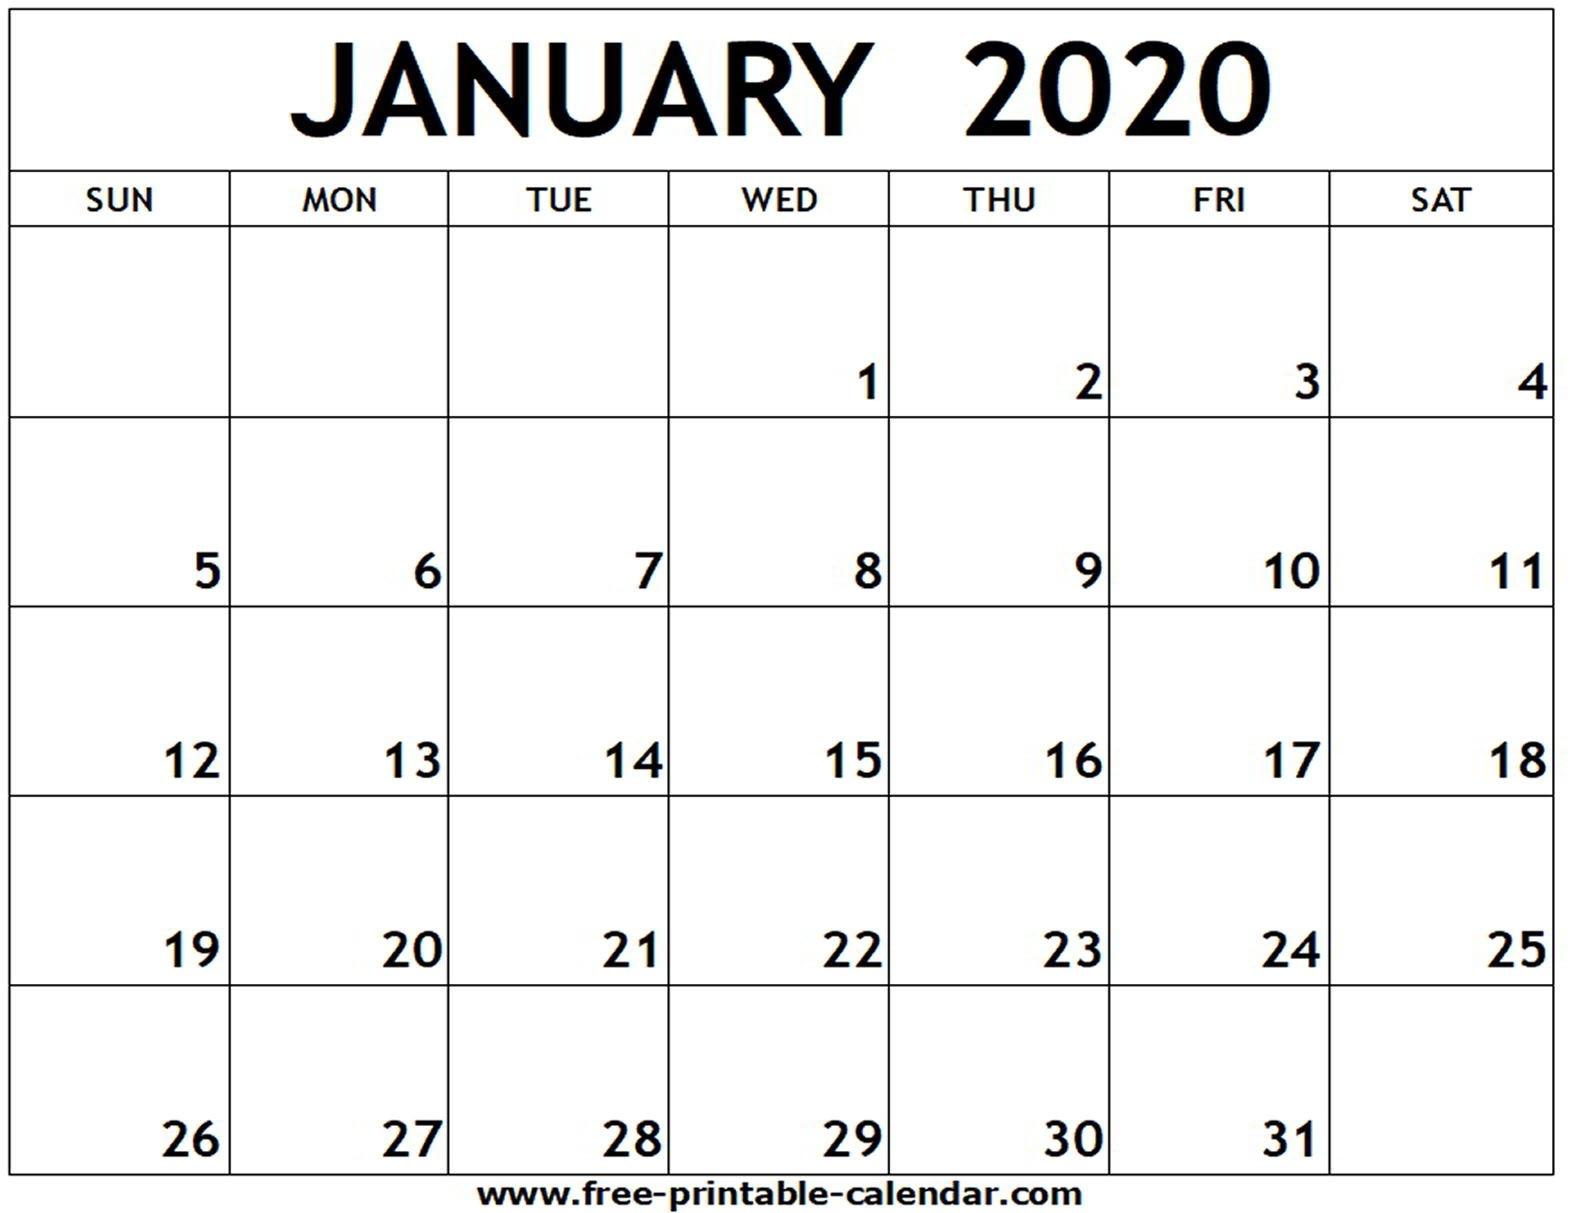 January 2020 Printable Calendar - Free-Printable-Calendar-Printable Monthly Calendar 2020